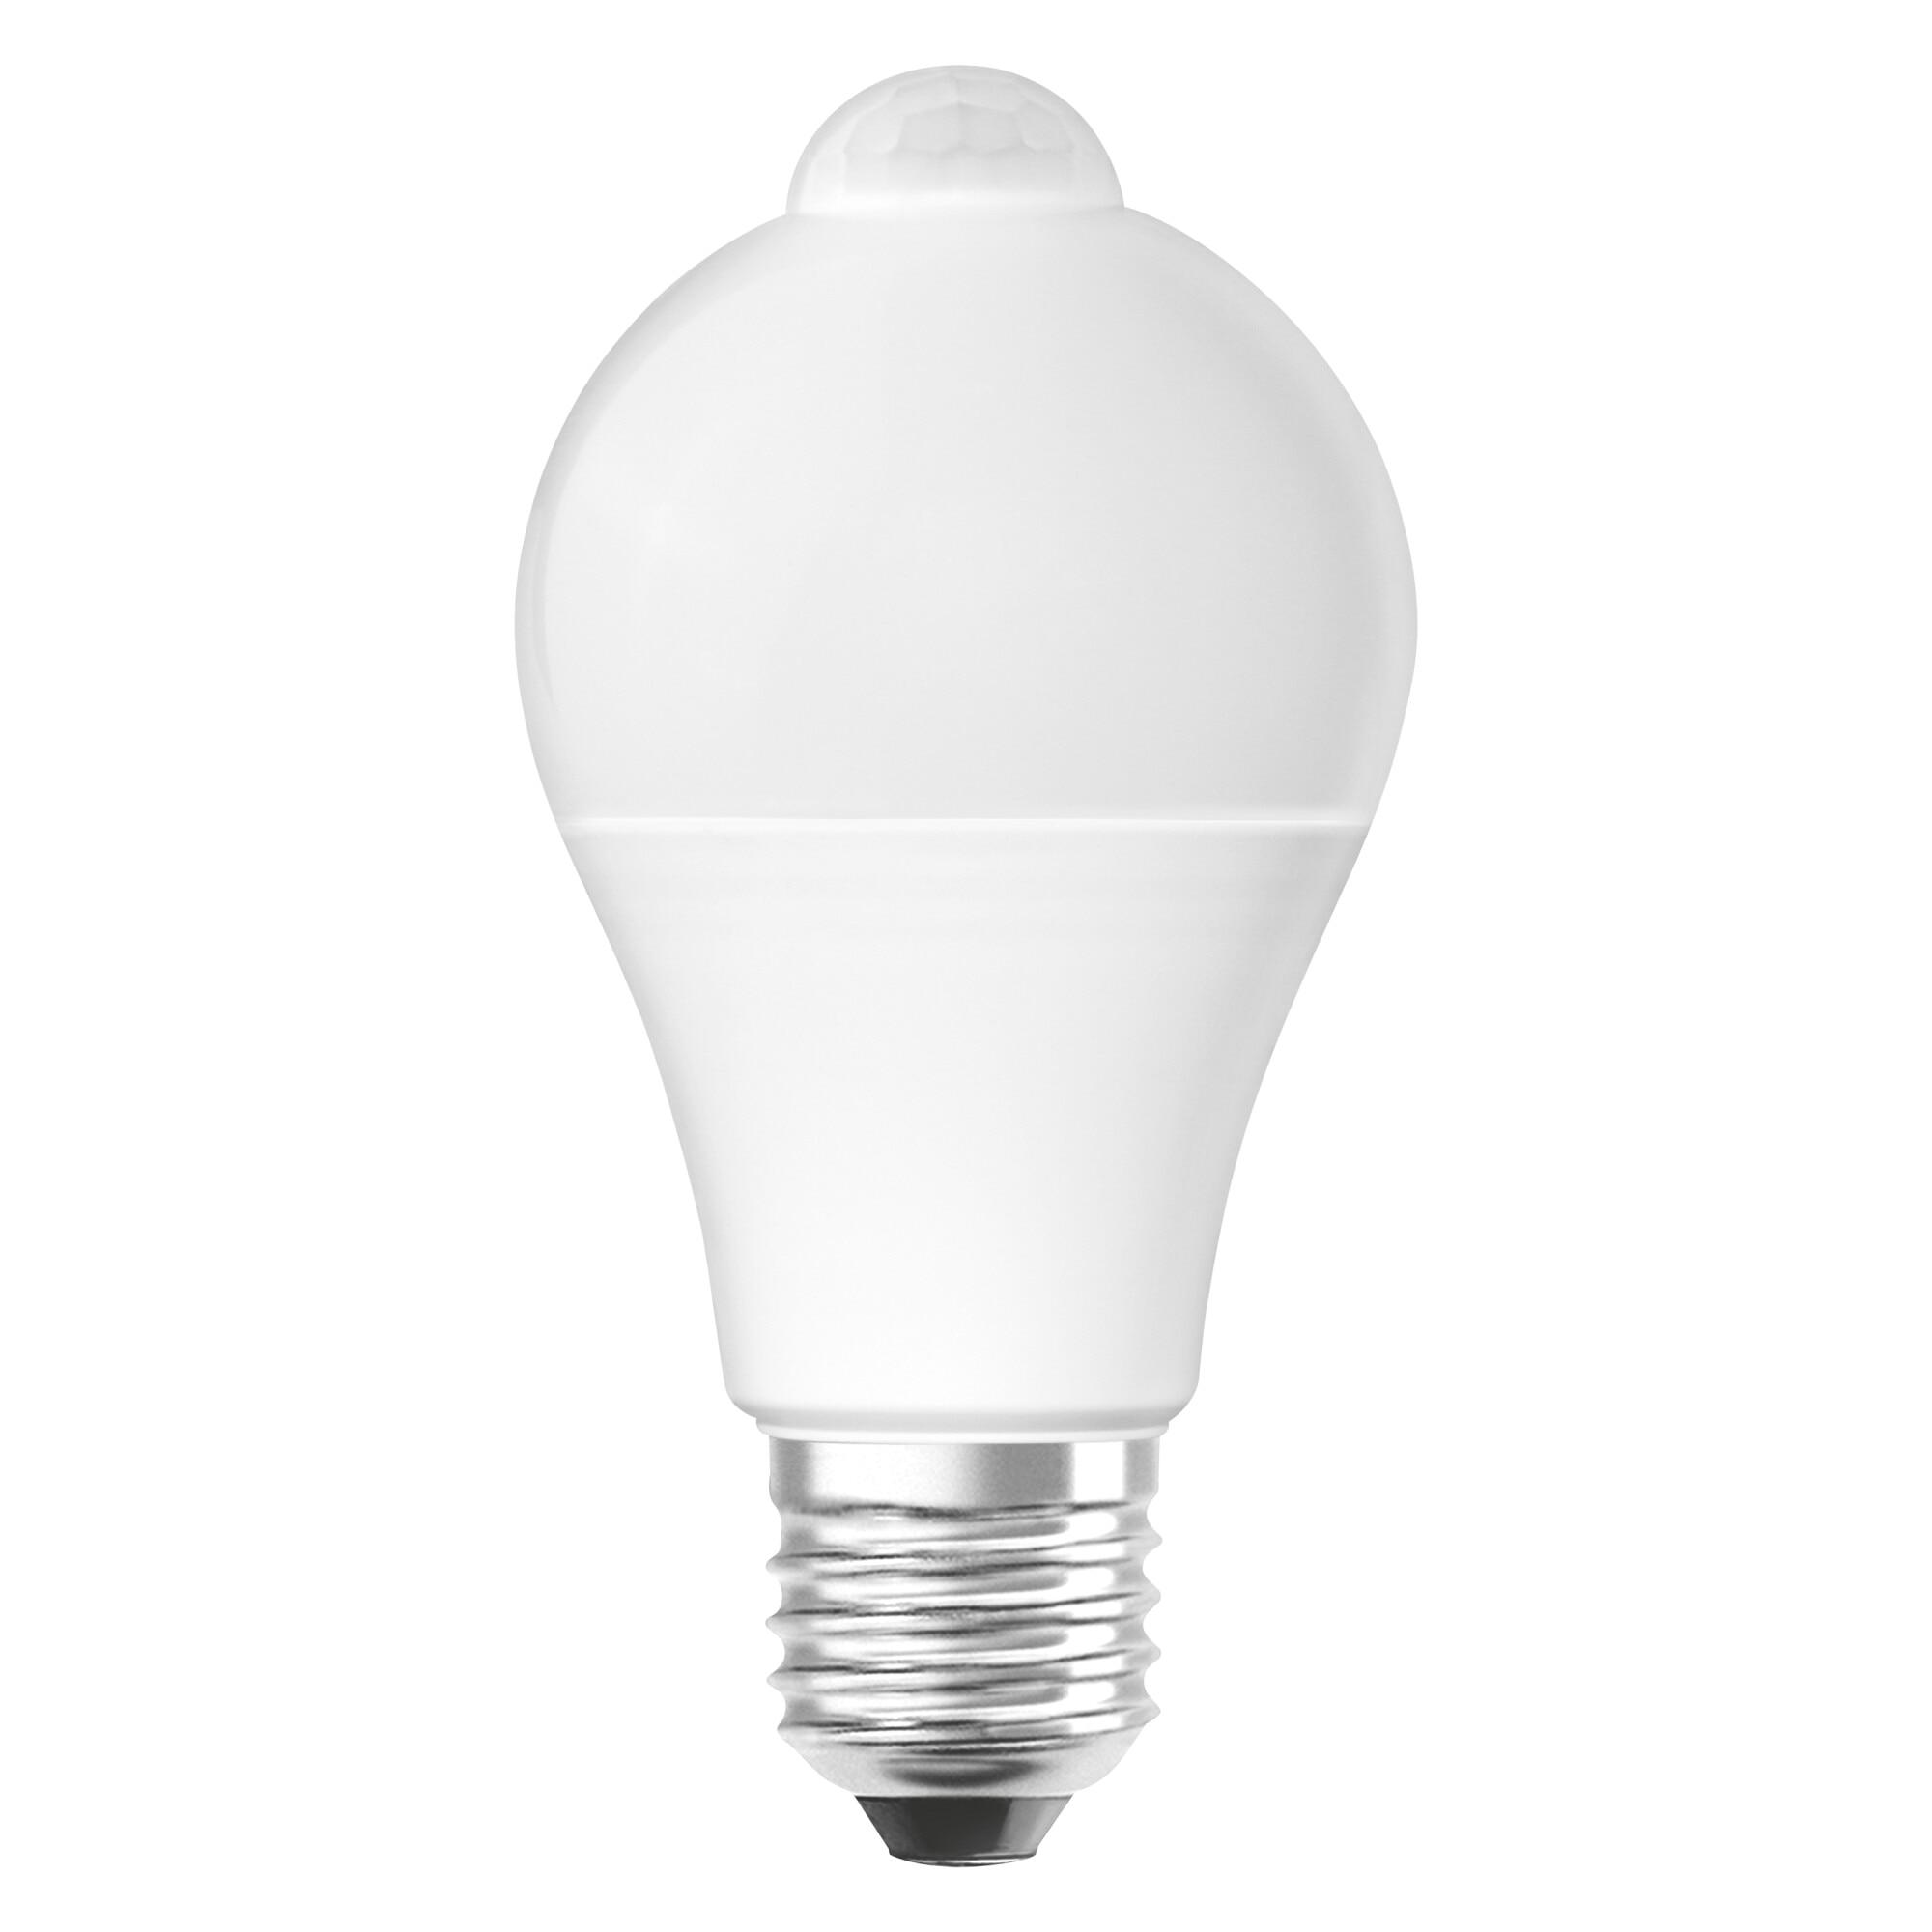 Fotografie Bec LED Osram LED STAR+ A75, cu senzor de miscare, E27, 11W (75W), 1055 lm, lumina calda (2700K), A+